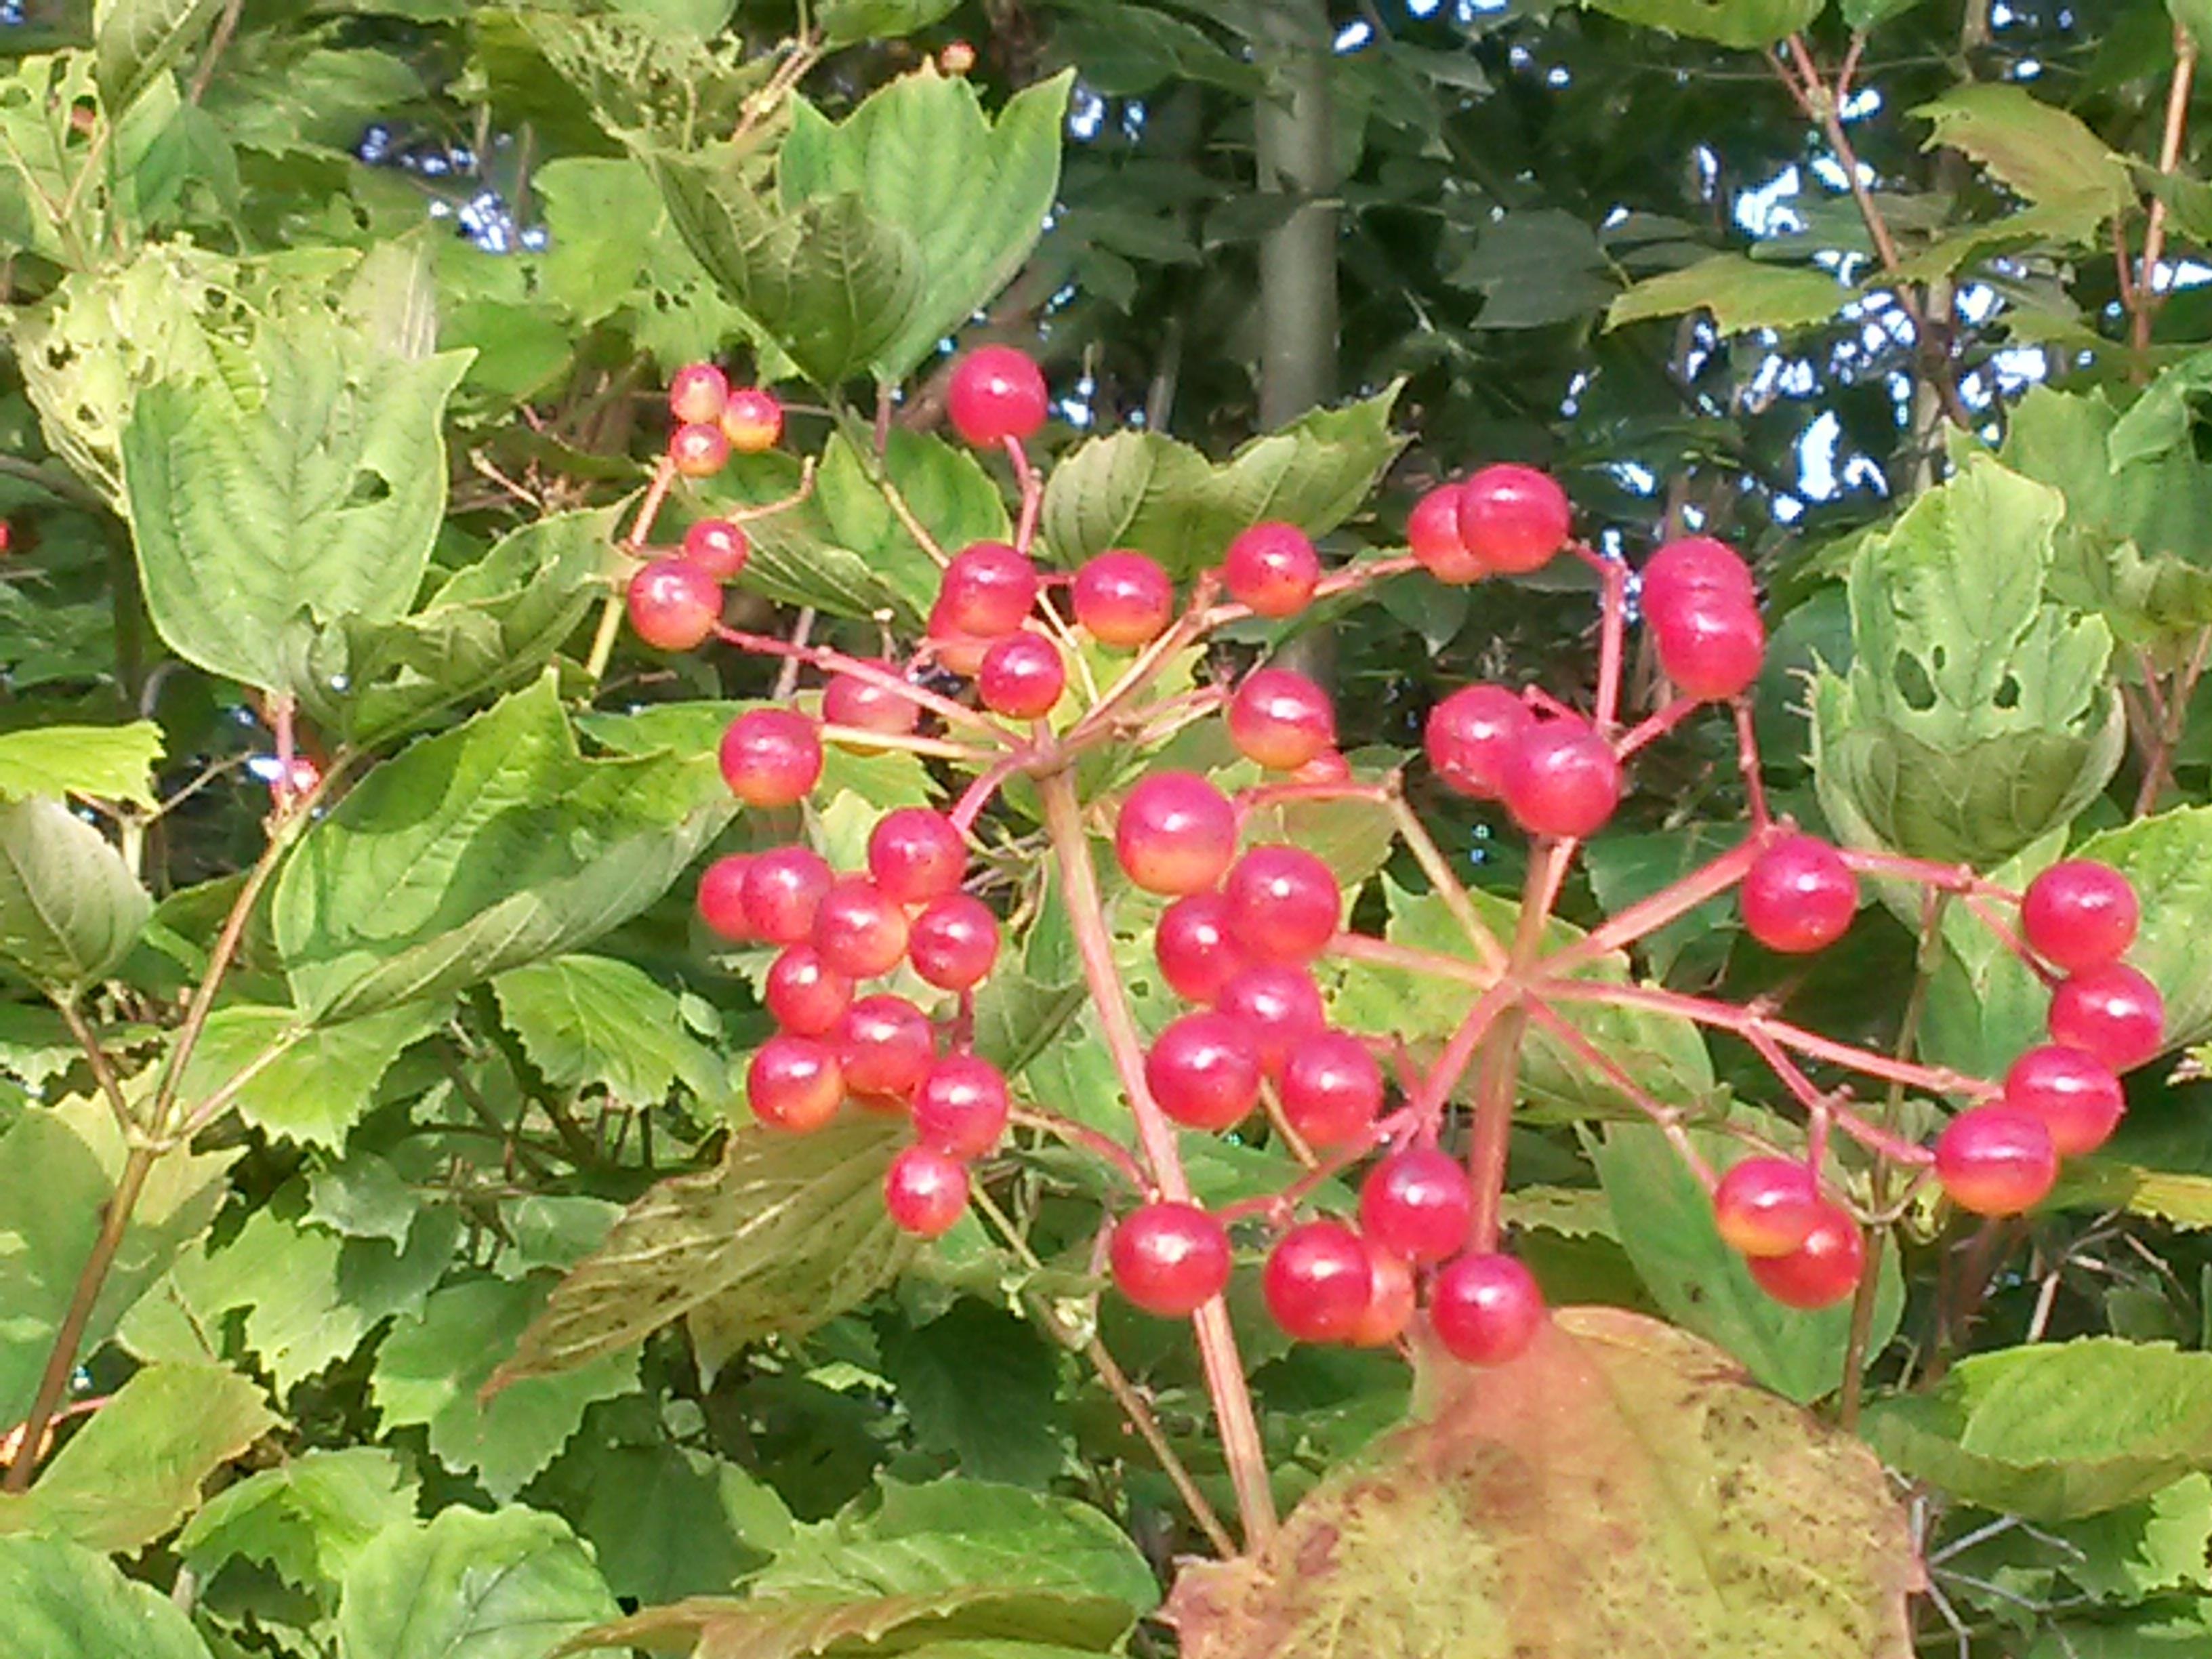 Images Gratuites Fruit Baie Fleur Buisson Aliments Rouge